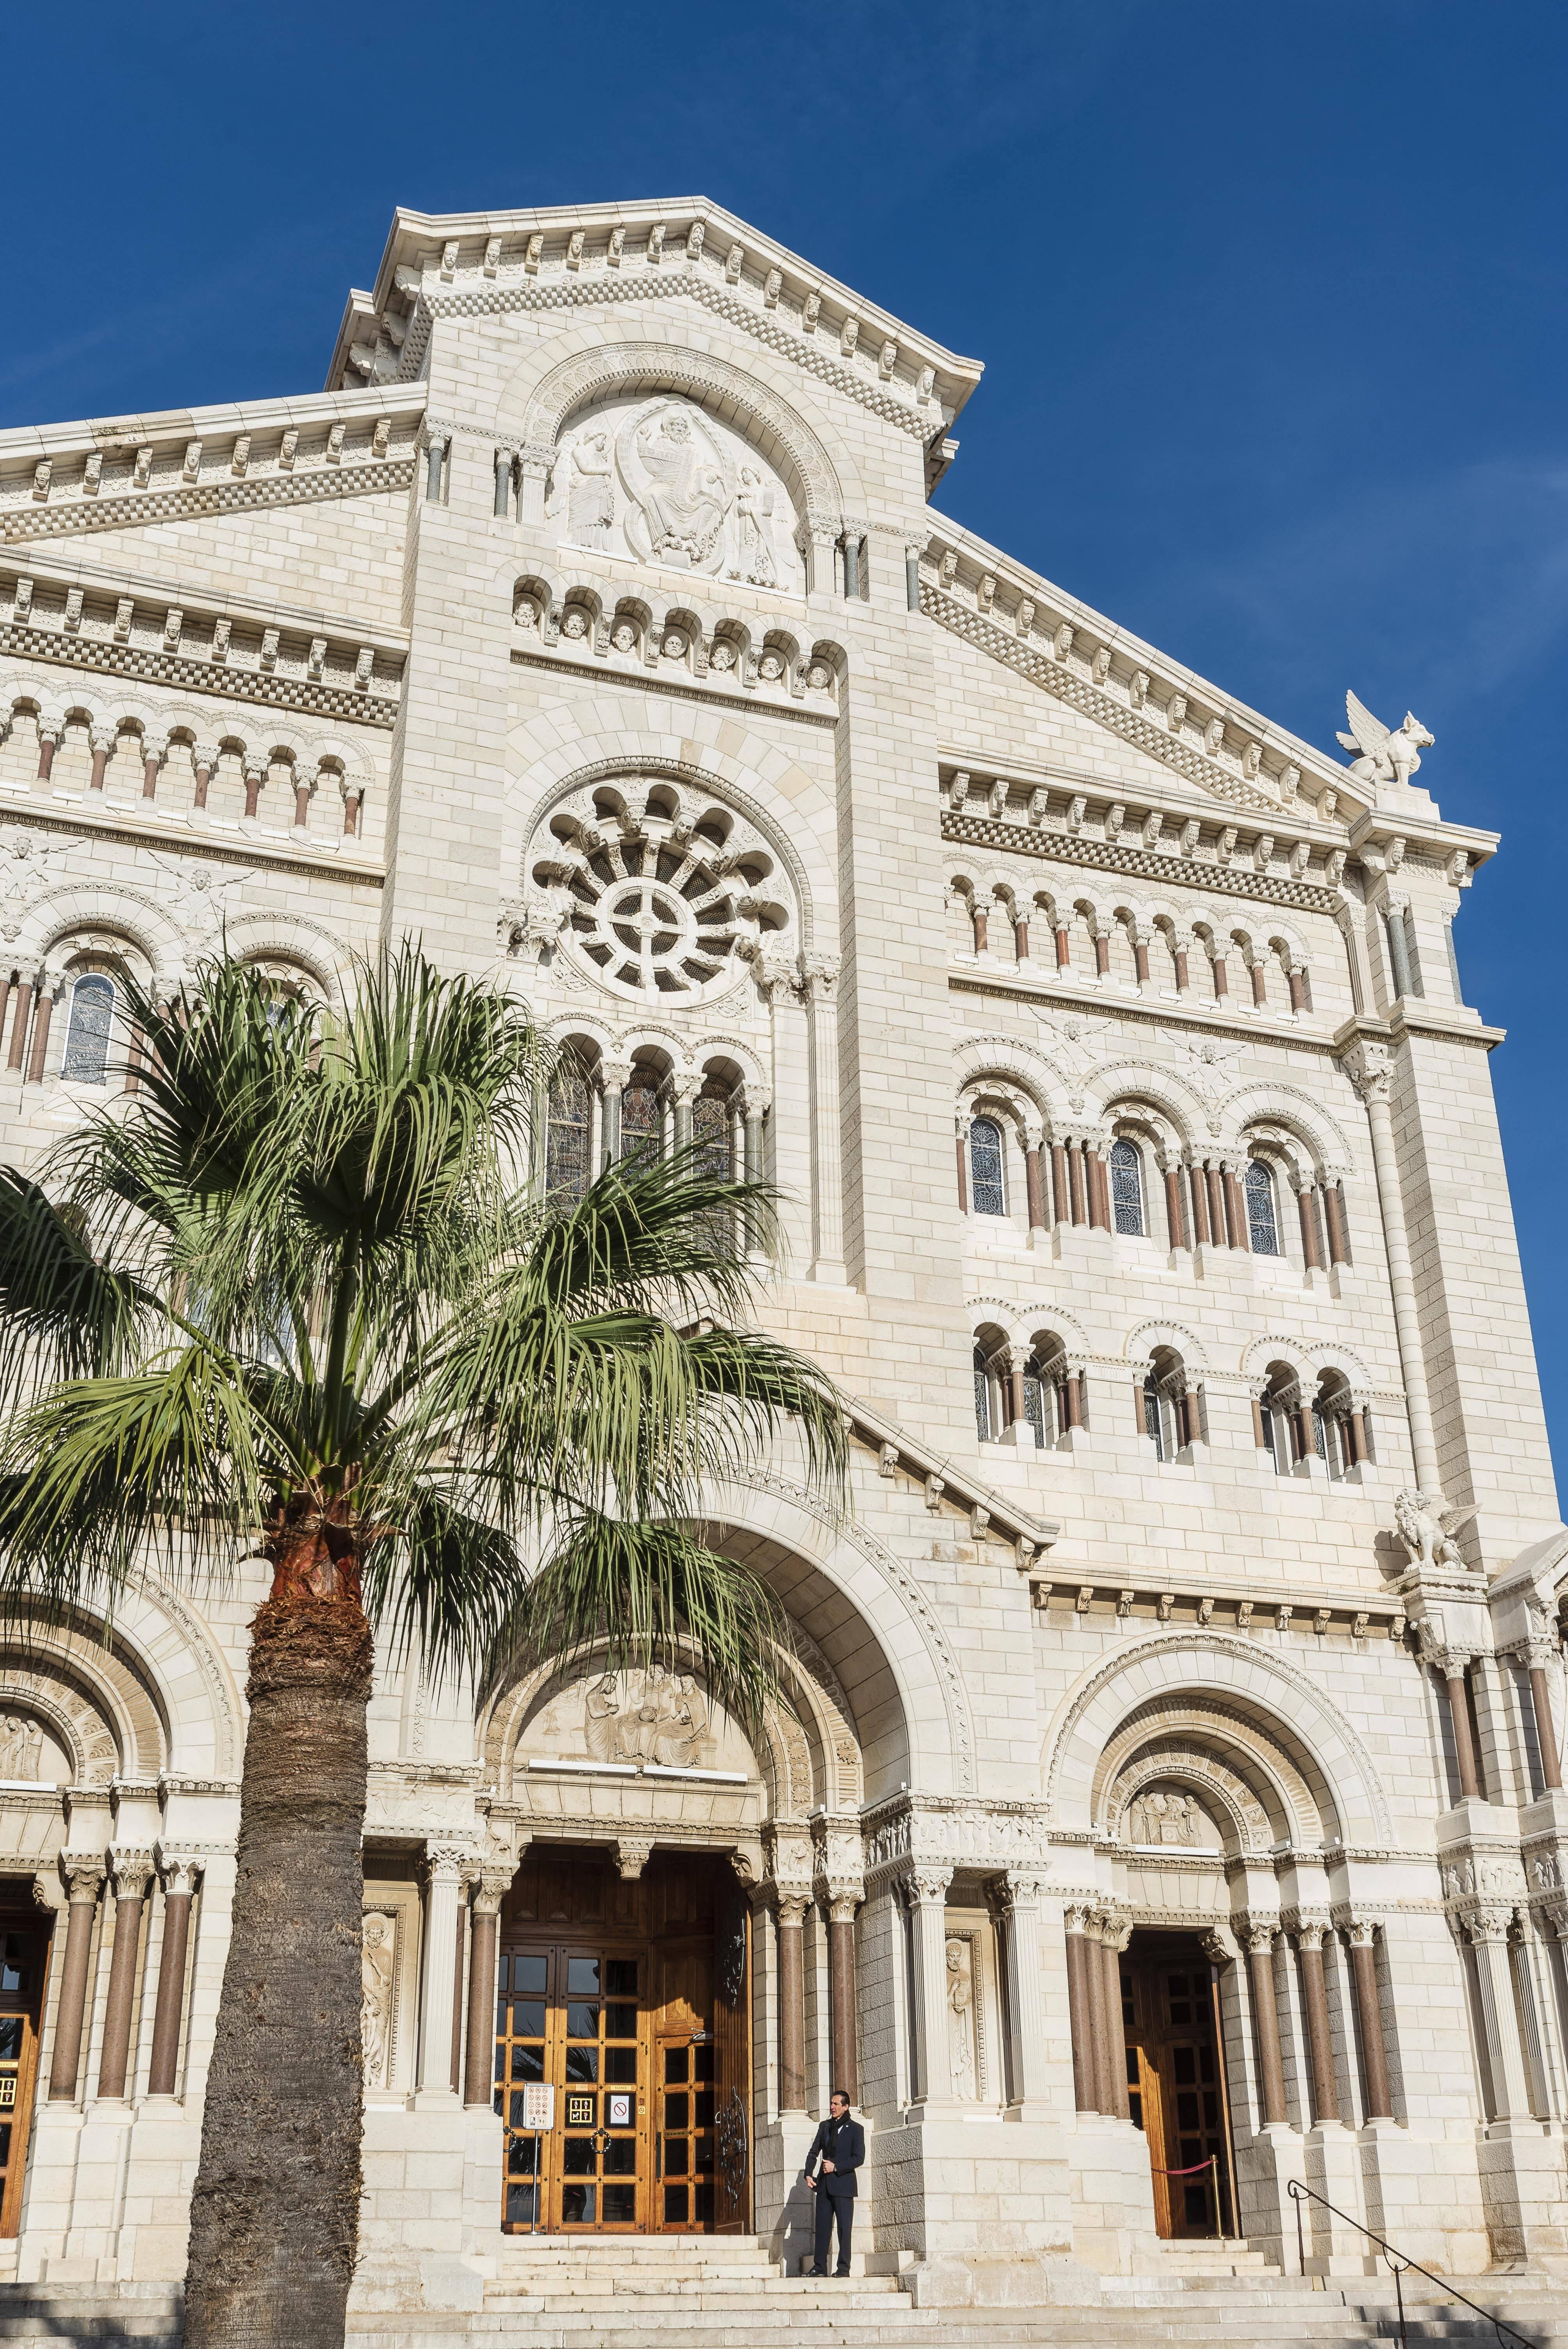 A Catedral de Mônaco recebeu o casamento de Rainier III e Grace Kelly e abriga o túmulo de Kelly. Foto: Société des Bains de Mer-min